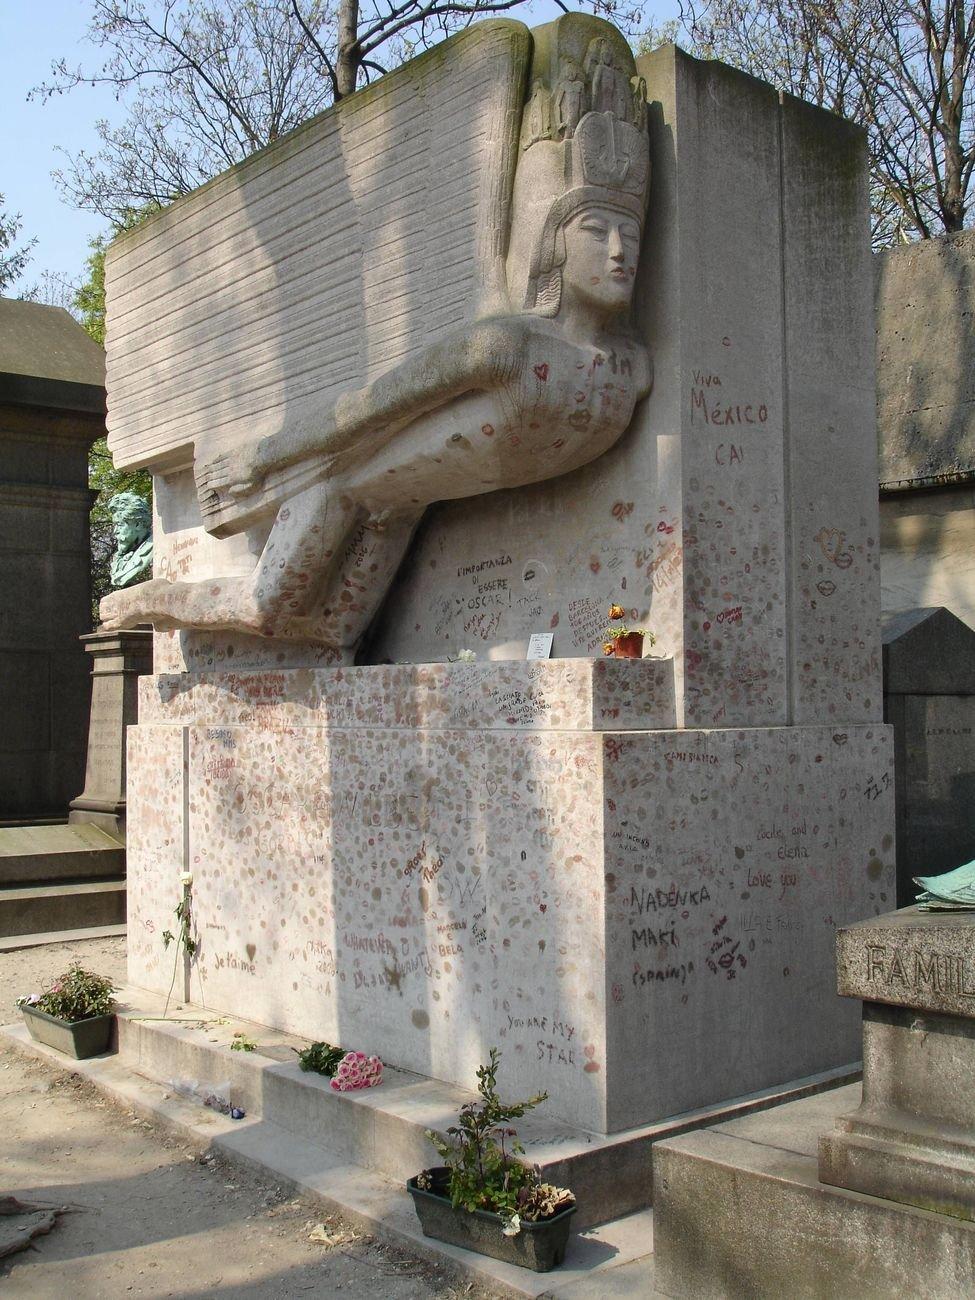 La monumentale tomba di Oscar Wilde al Père Lachaise di Parigi